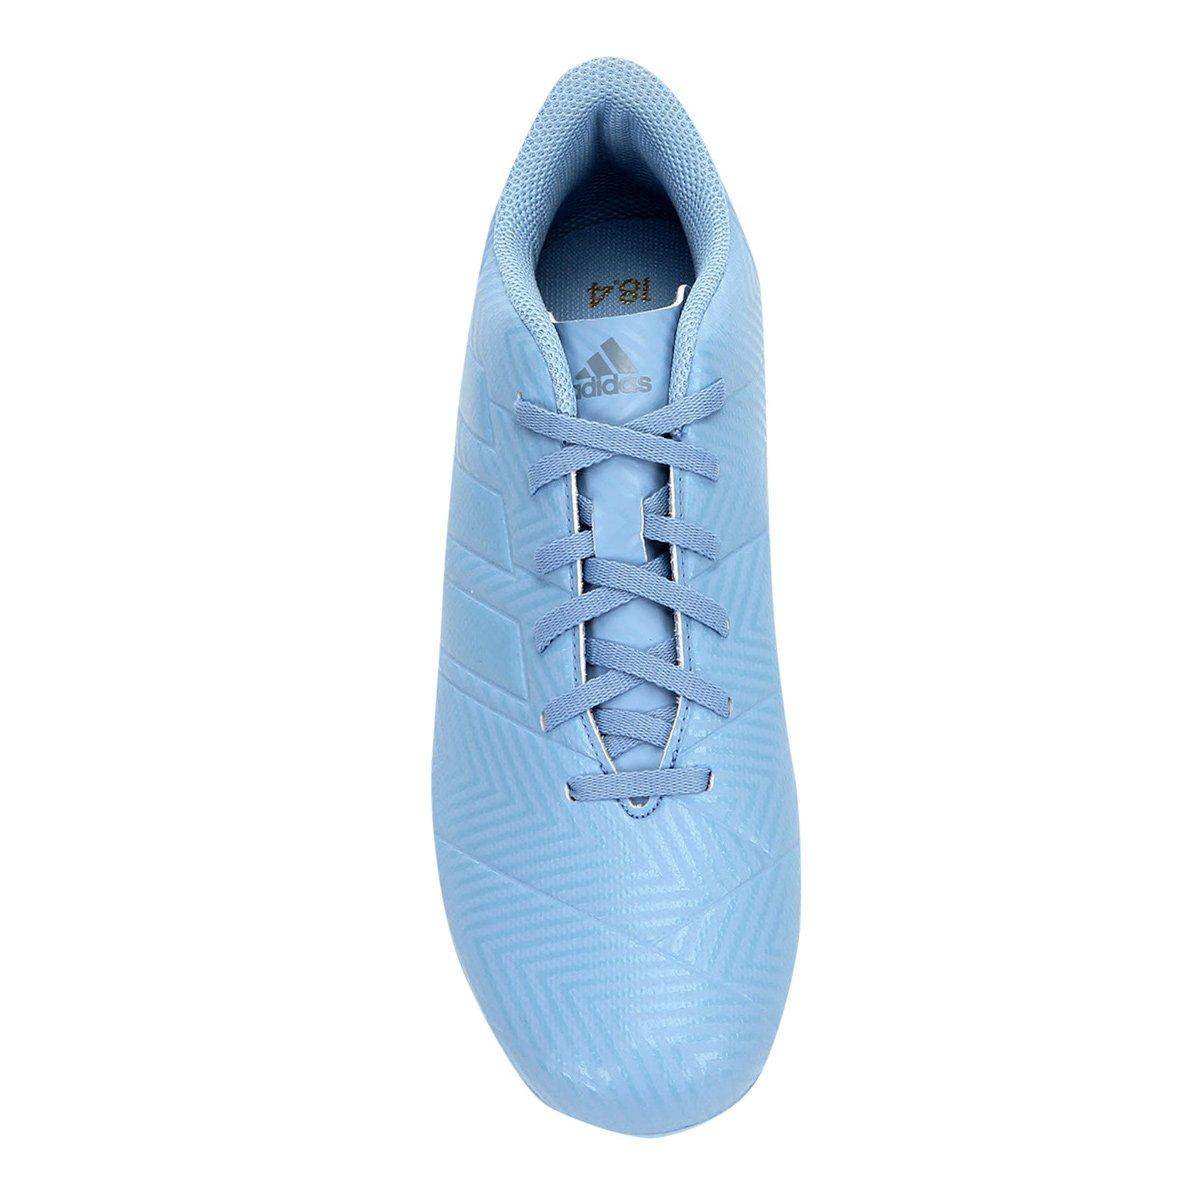 3334483a25 Chuteira Campo Adidas Nemeziz Messi 18 4 FG - Azul - Compre Agora ...